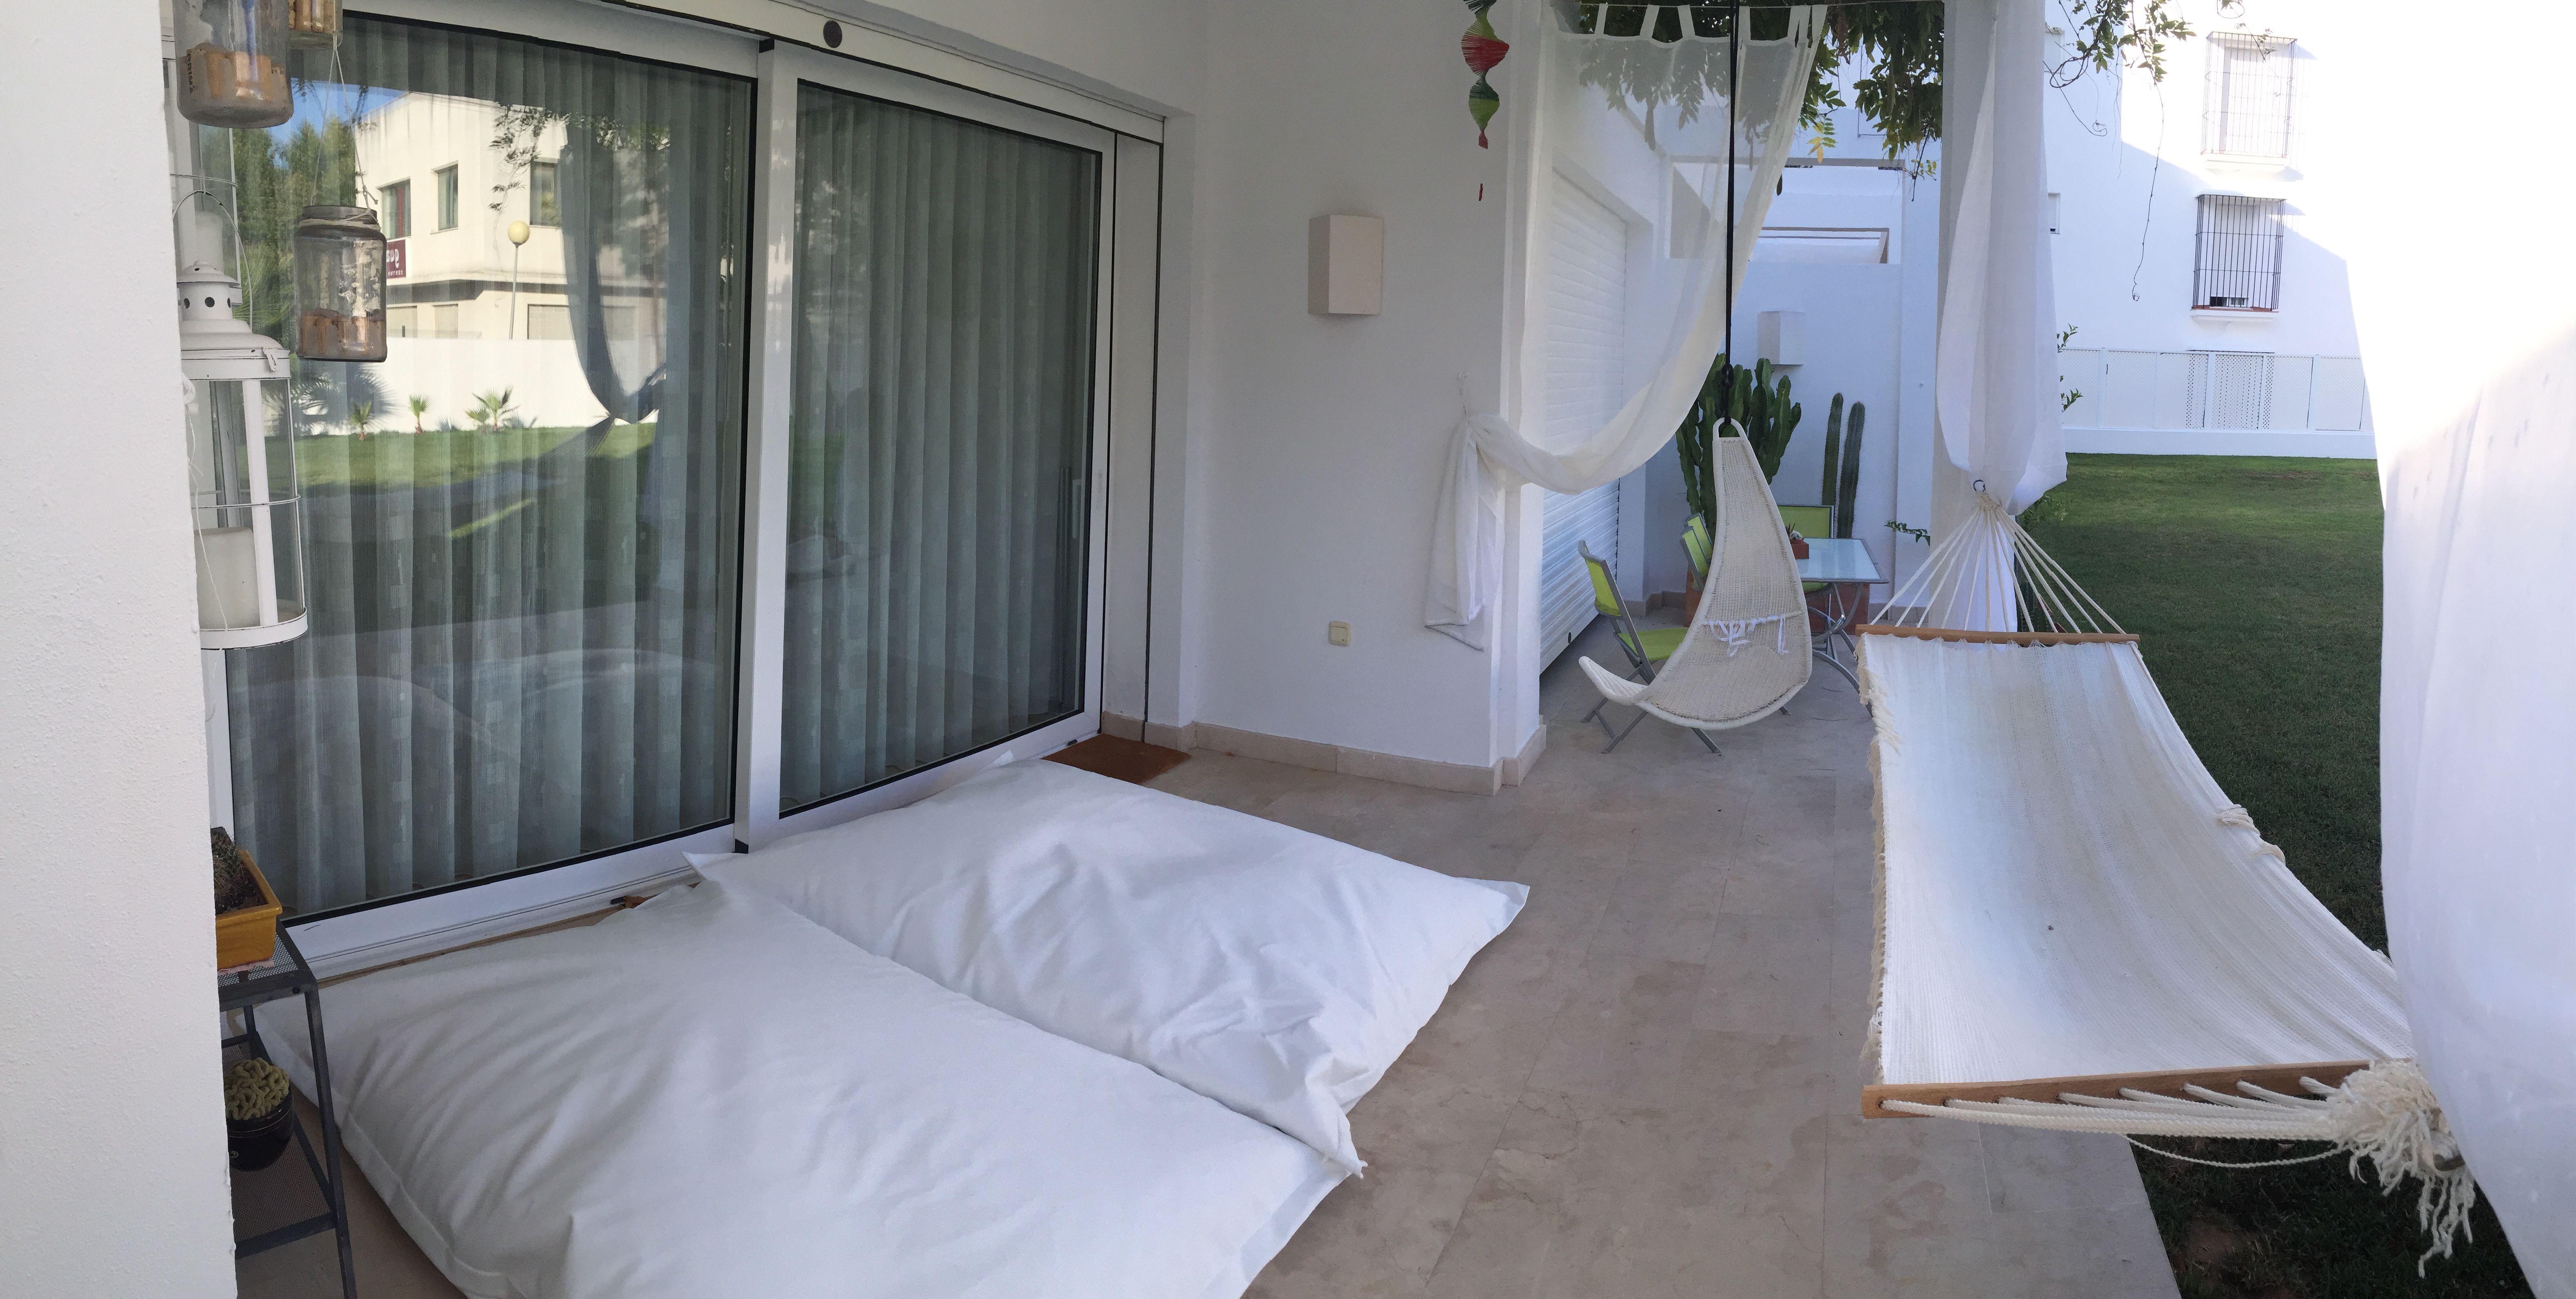 Decoración de terraza del apartamento B10 del residencial Bignonia en Guadiaro (Sotogrande)